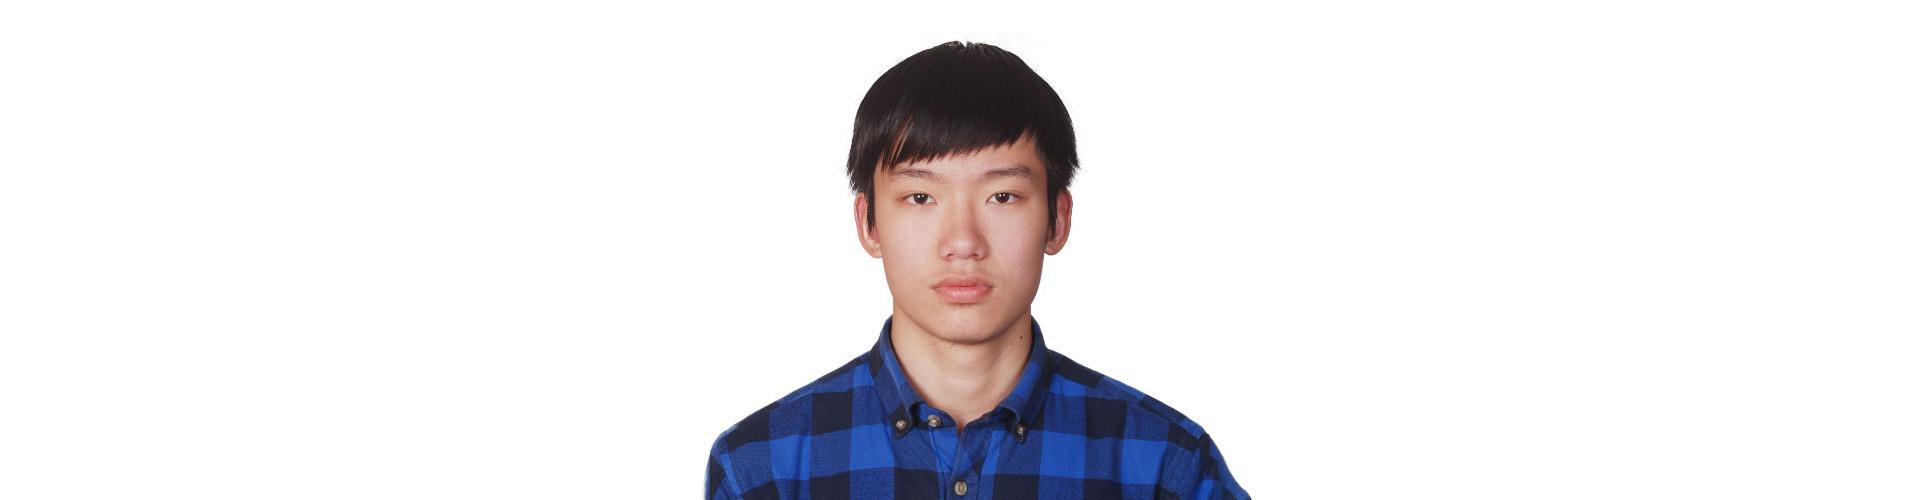 Xingyang Zhou, University of Bristol